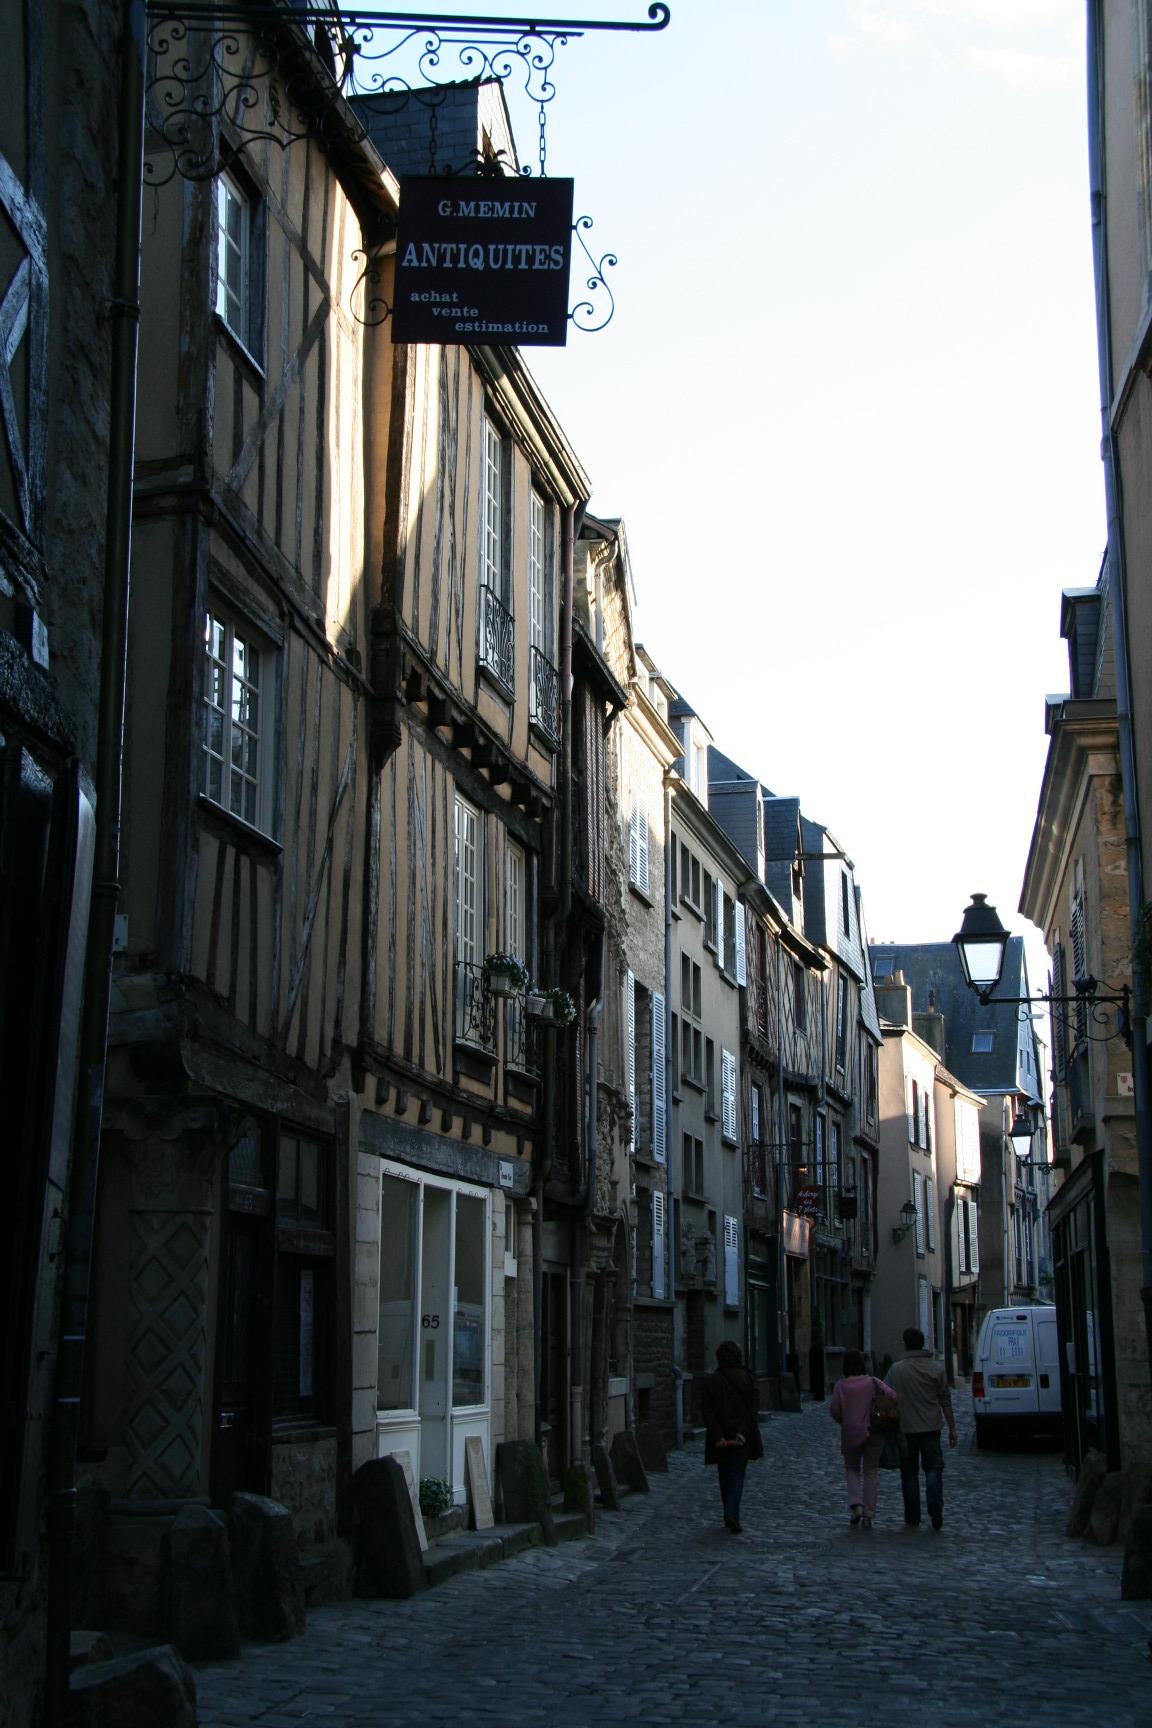 Le Vieux Mans en 2010 - Grande Rue - Gilles Mémin Antiquités et L'atelier des Anges (Sylvie Leveau)